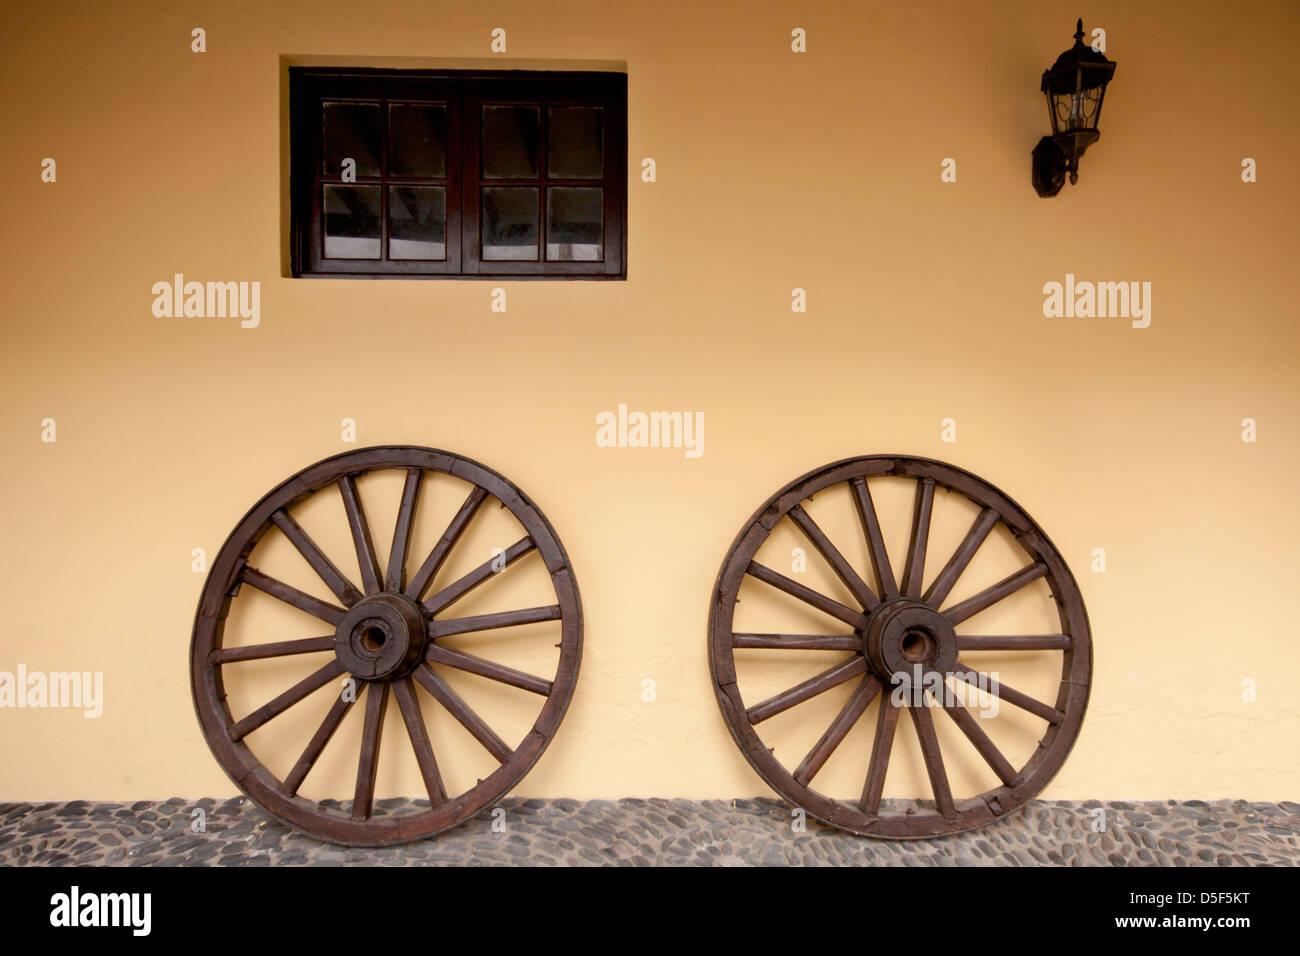 Yellow Wagon Wheel Stock Photos & Yellow Wagon Wheel Stock Images ...